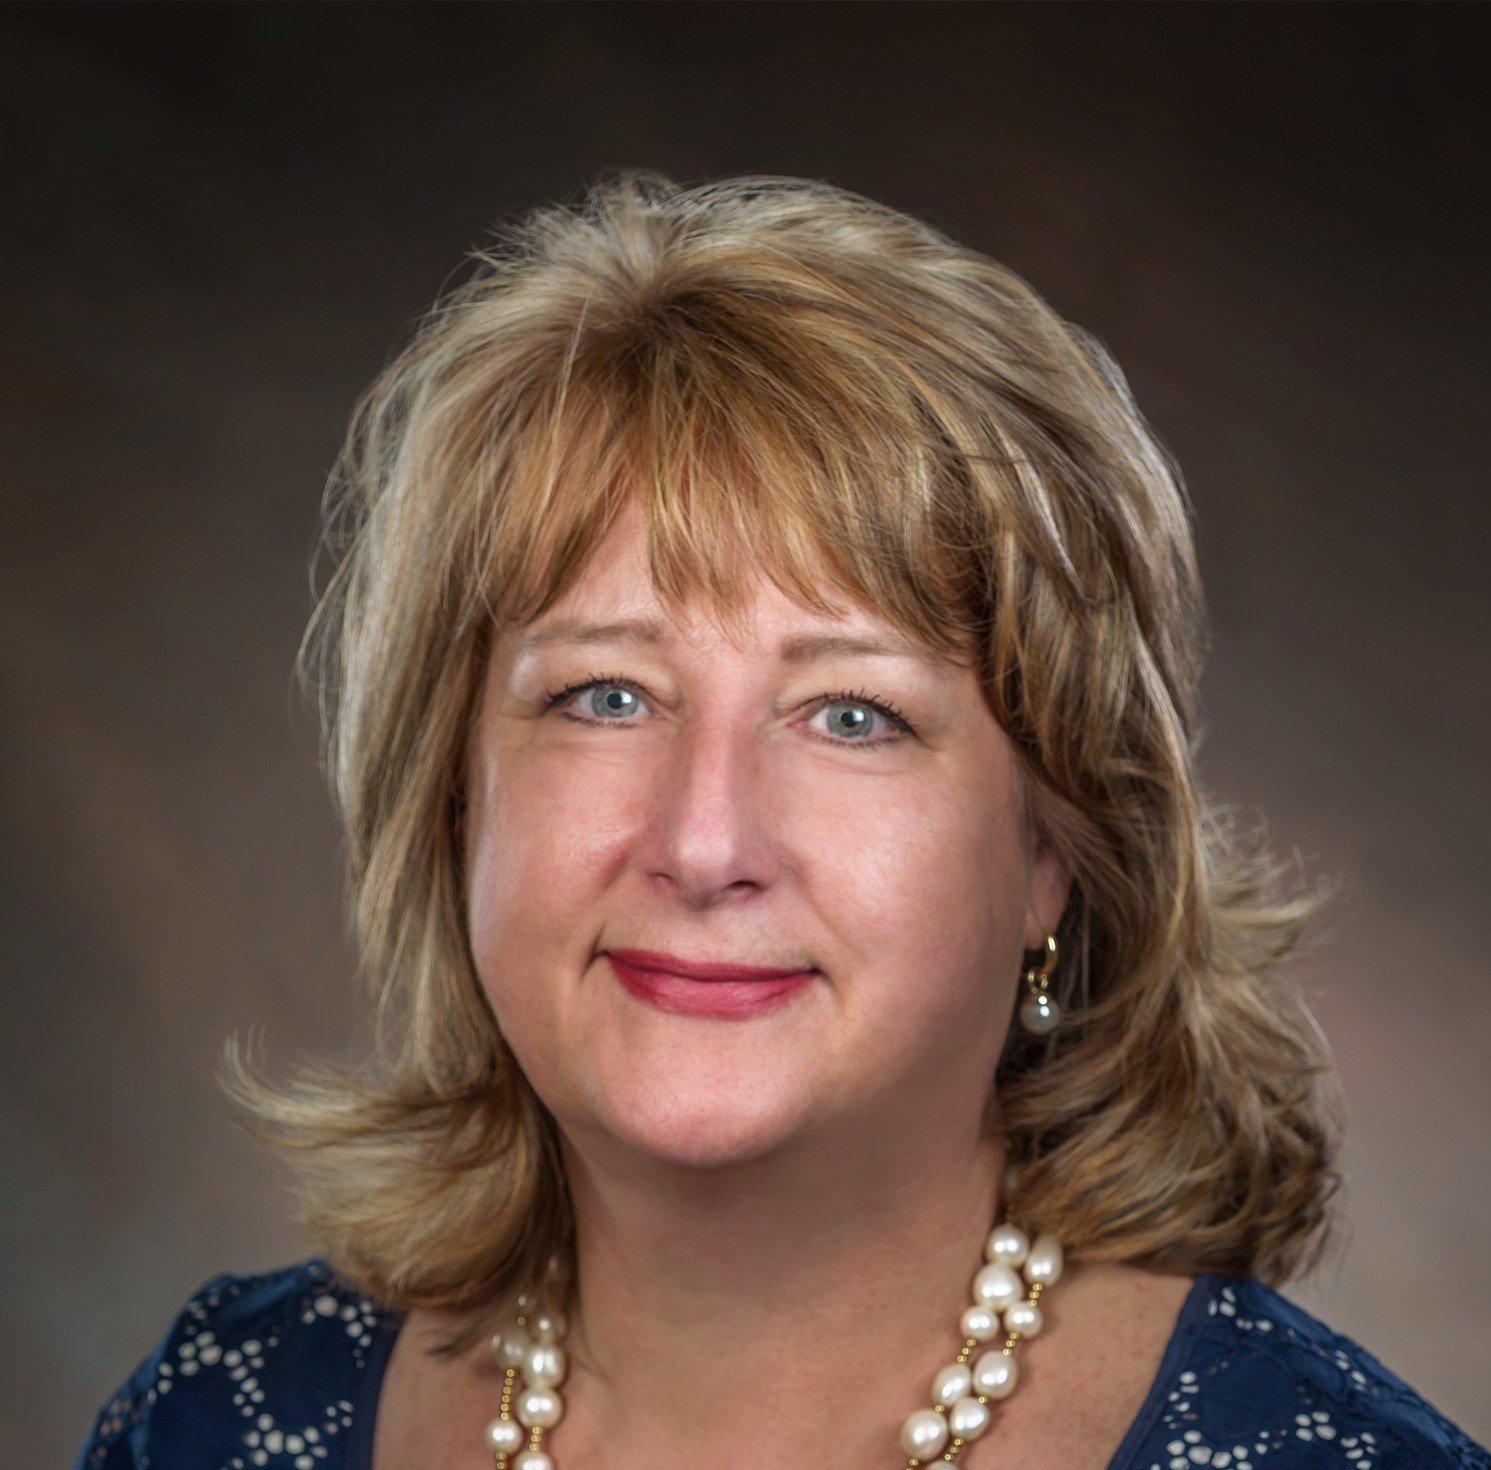 Shelley Kienke